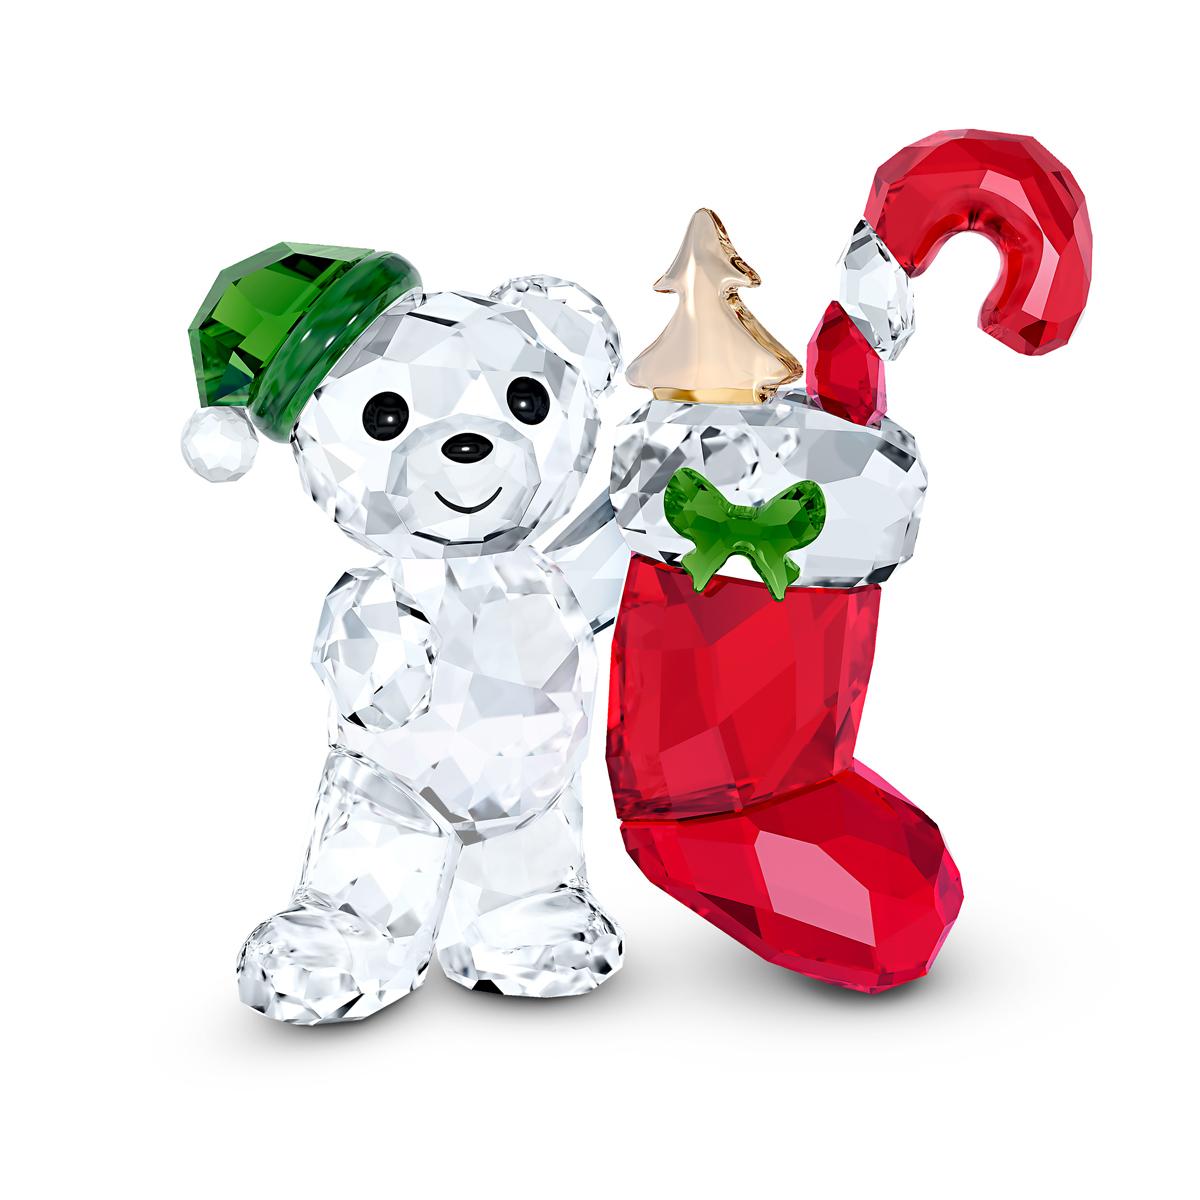 Swarovski Kris Bear Christmas, Annual Edition 2020